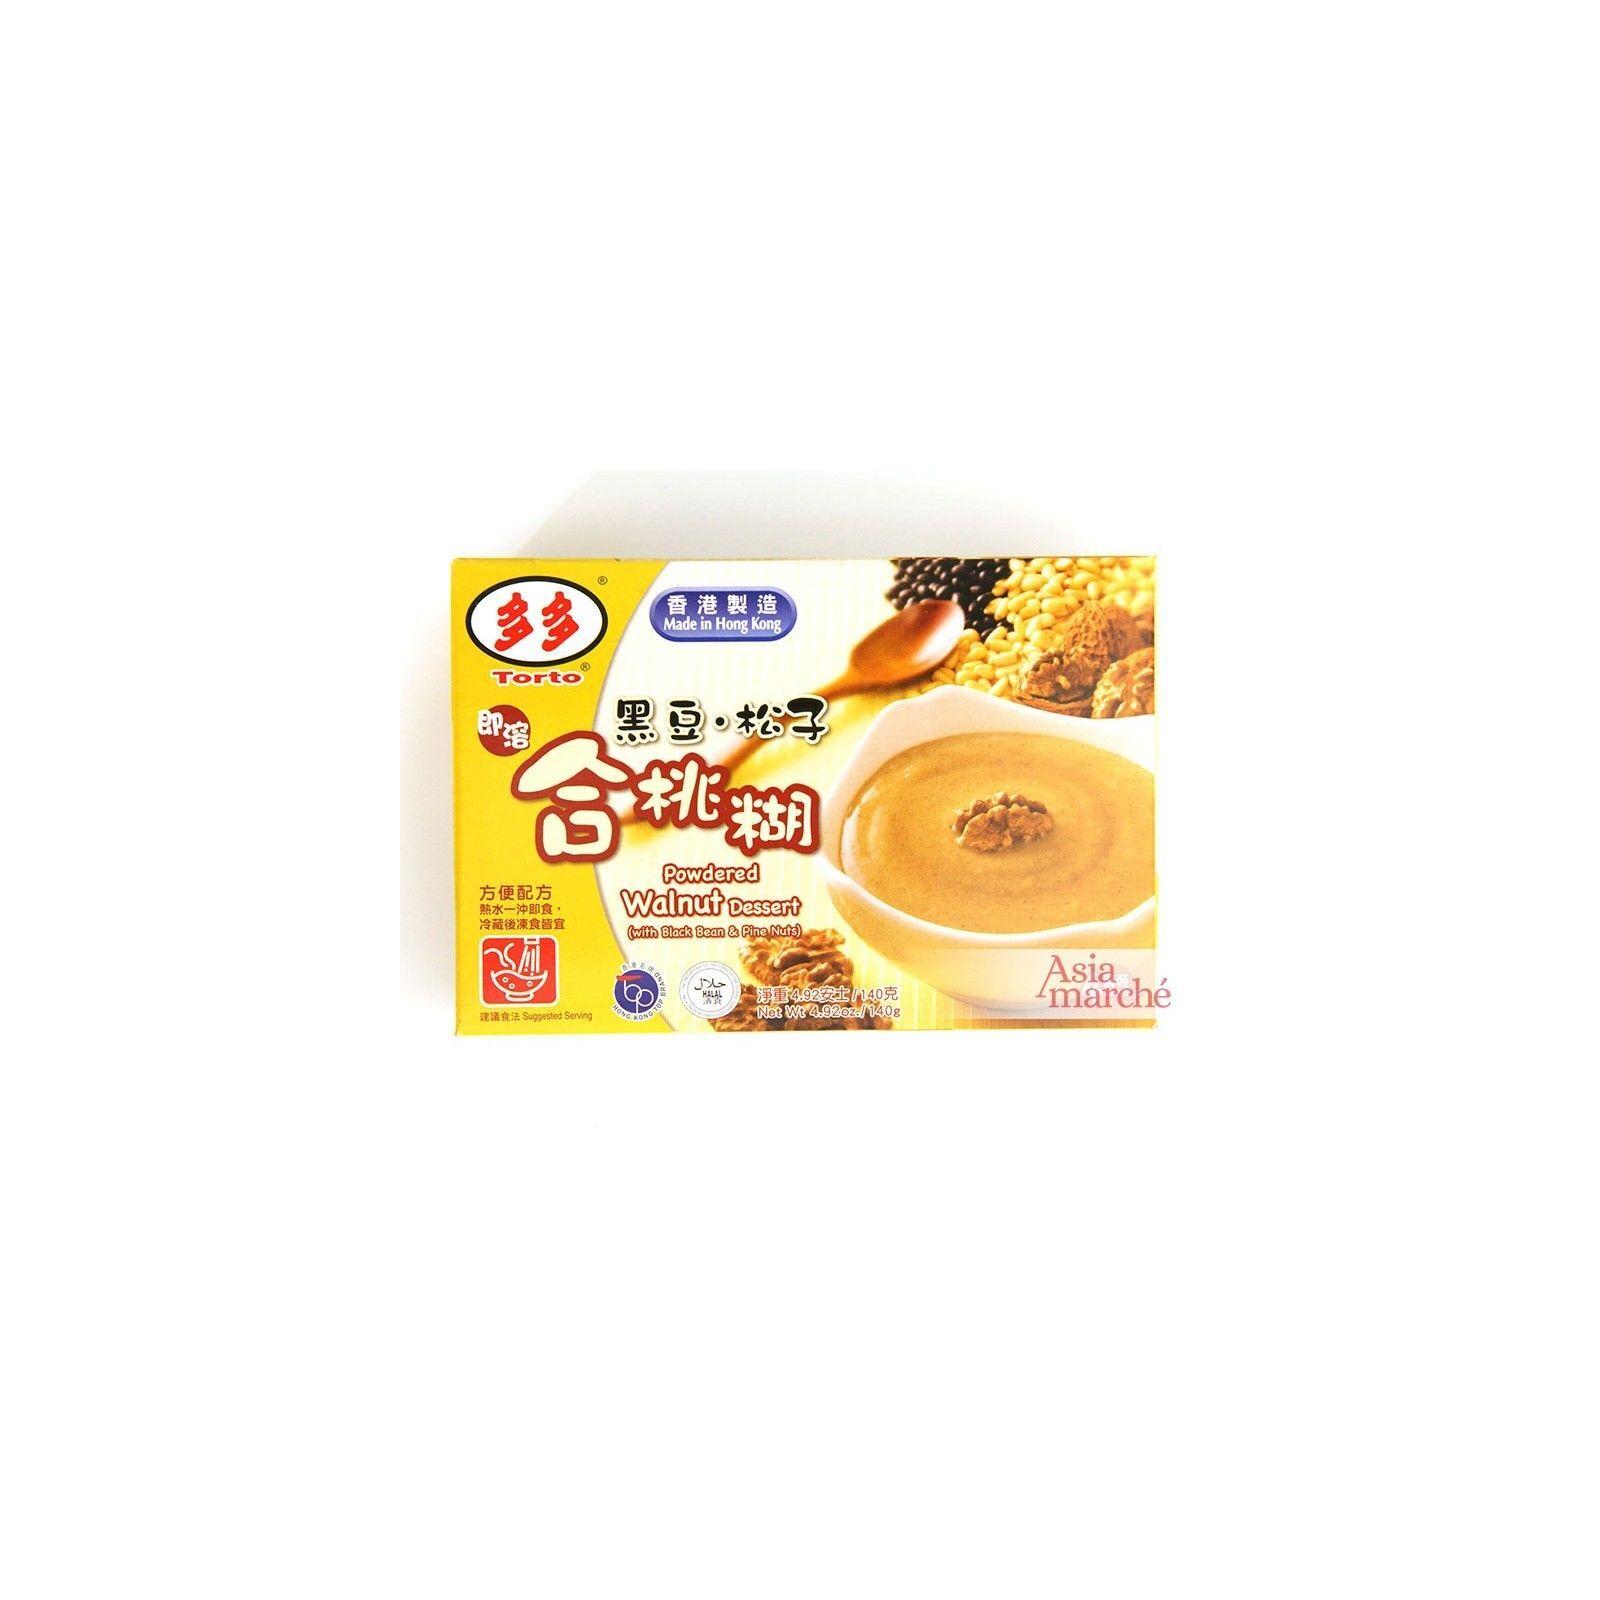 Asia Marché Crème dessert aux noix 160g